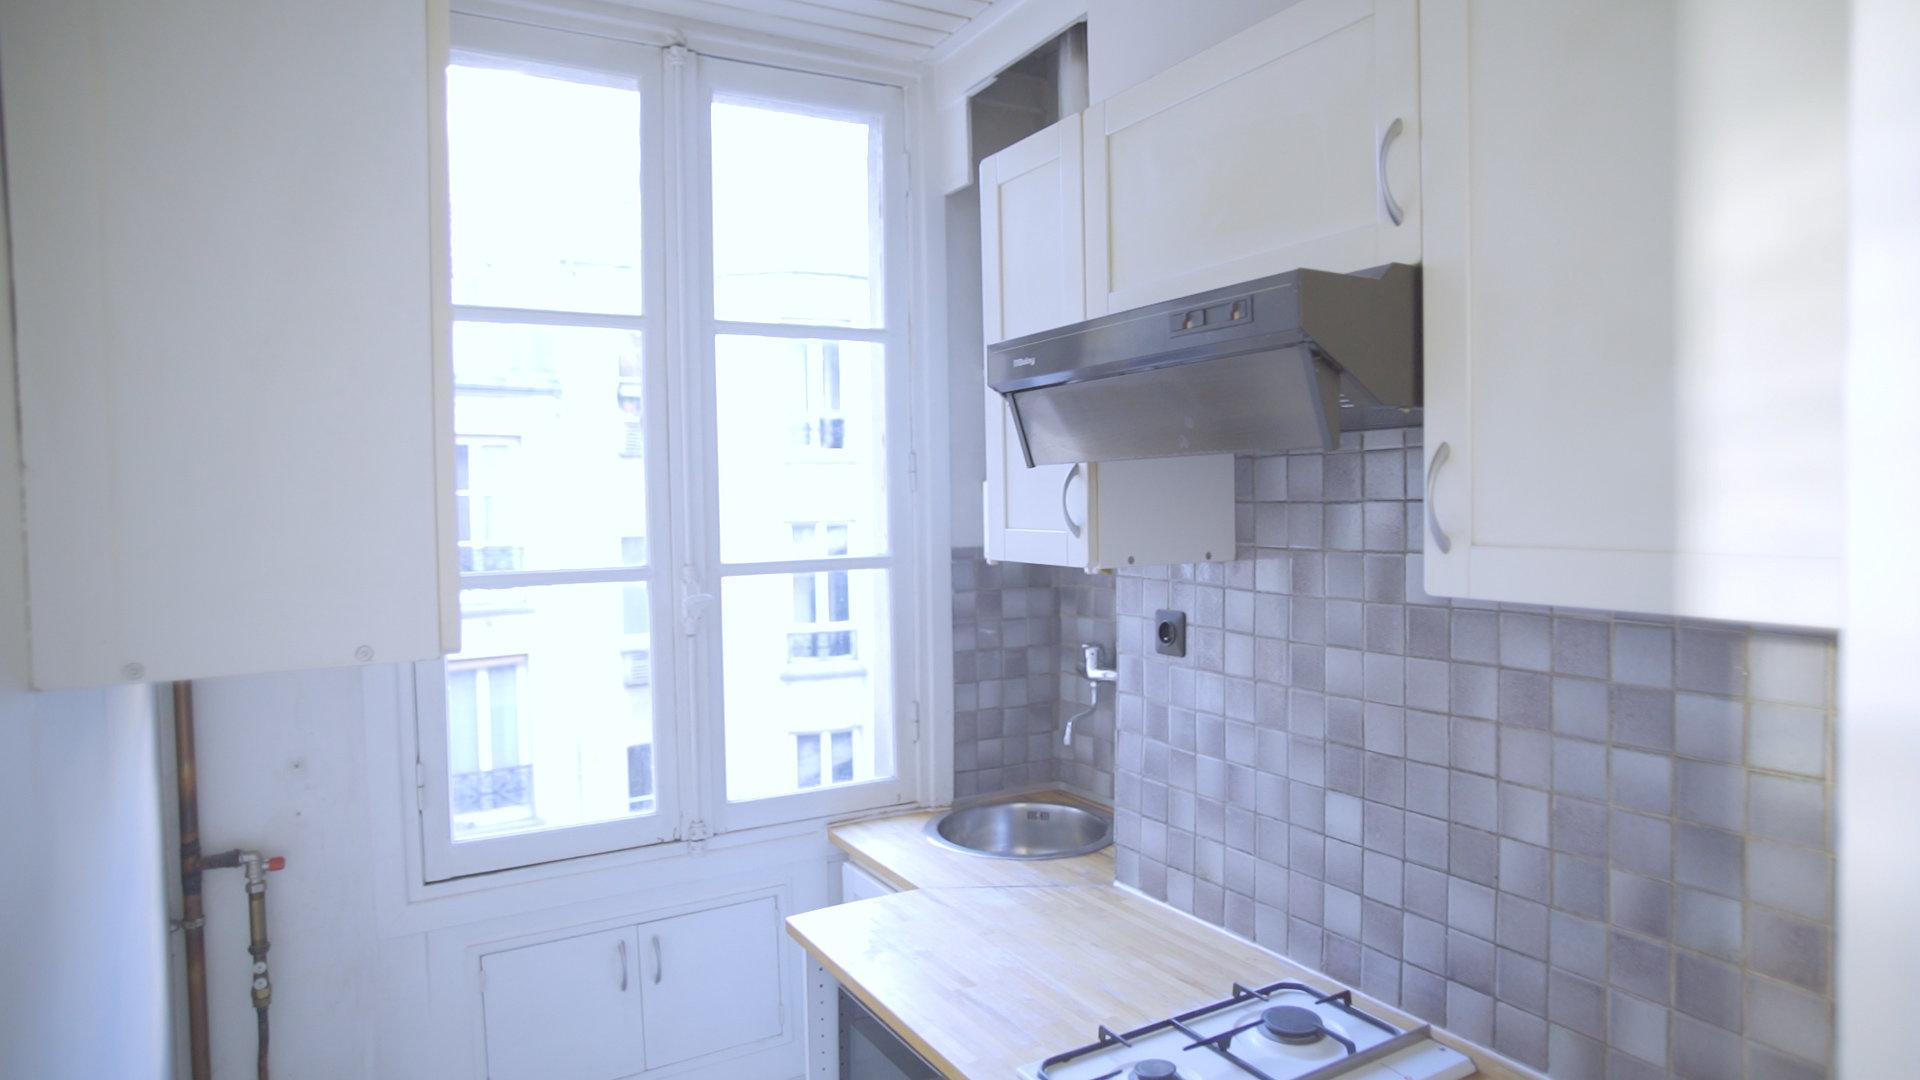 Achat Appartement, Surface de 42.1 m²/ Total carrez : 42 m², 2 pièces, Paris 11ème (75011)